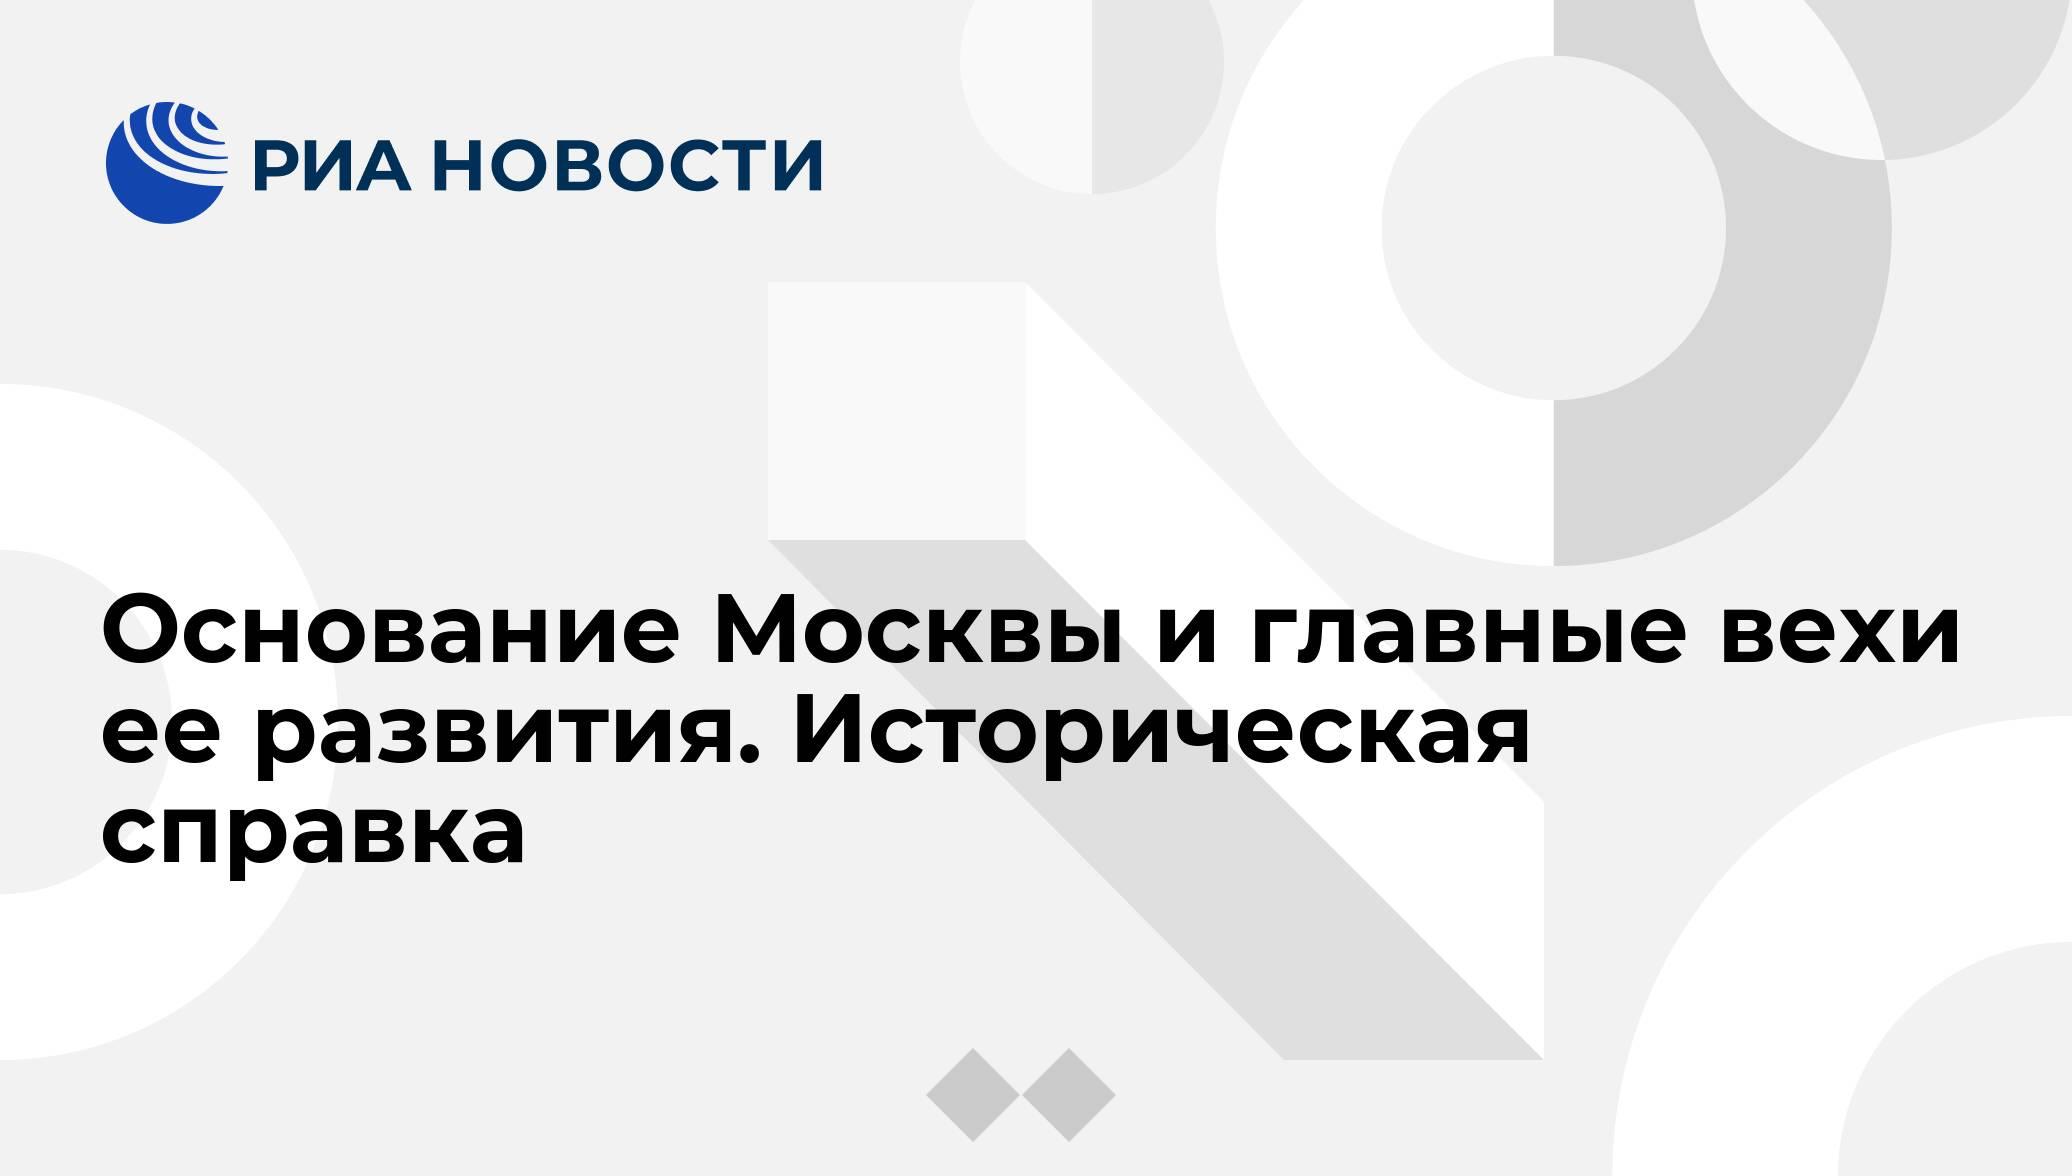 карта москвы с улицами и домами проложить маршрут на автомобиле шереметьево